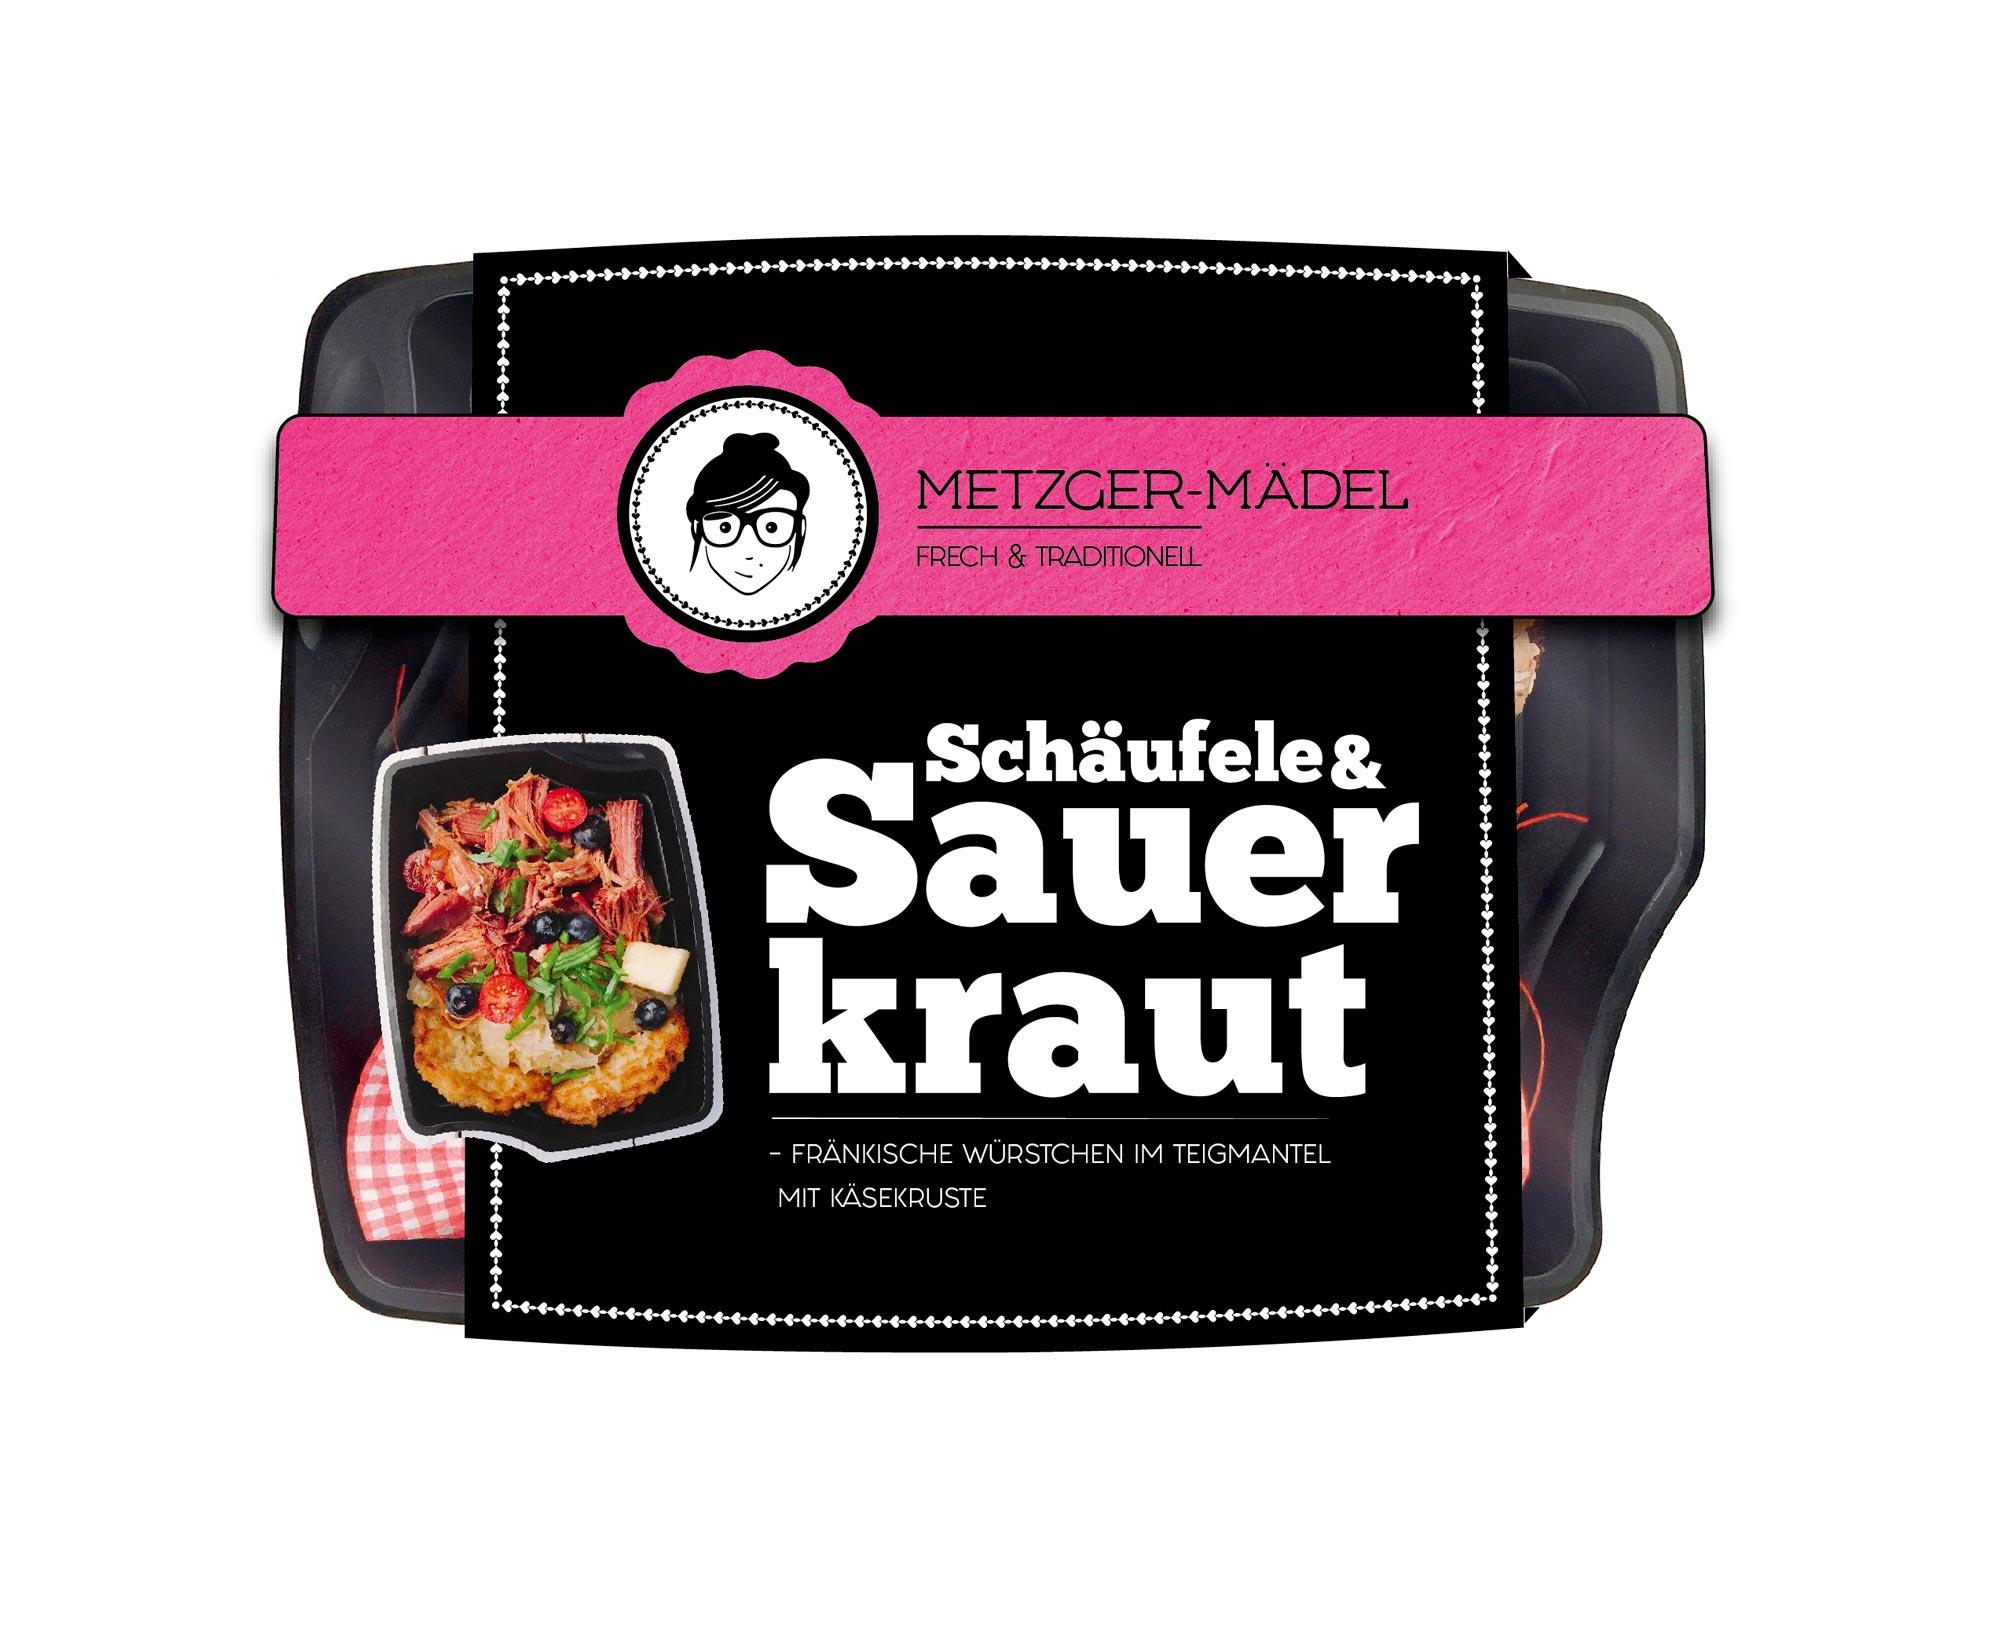 verpackungsdesign Edeka Metzger Mädel schäufele & Sauerkraut